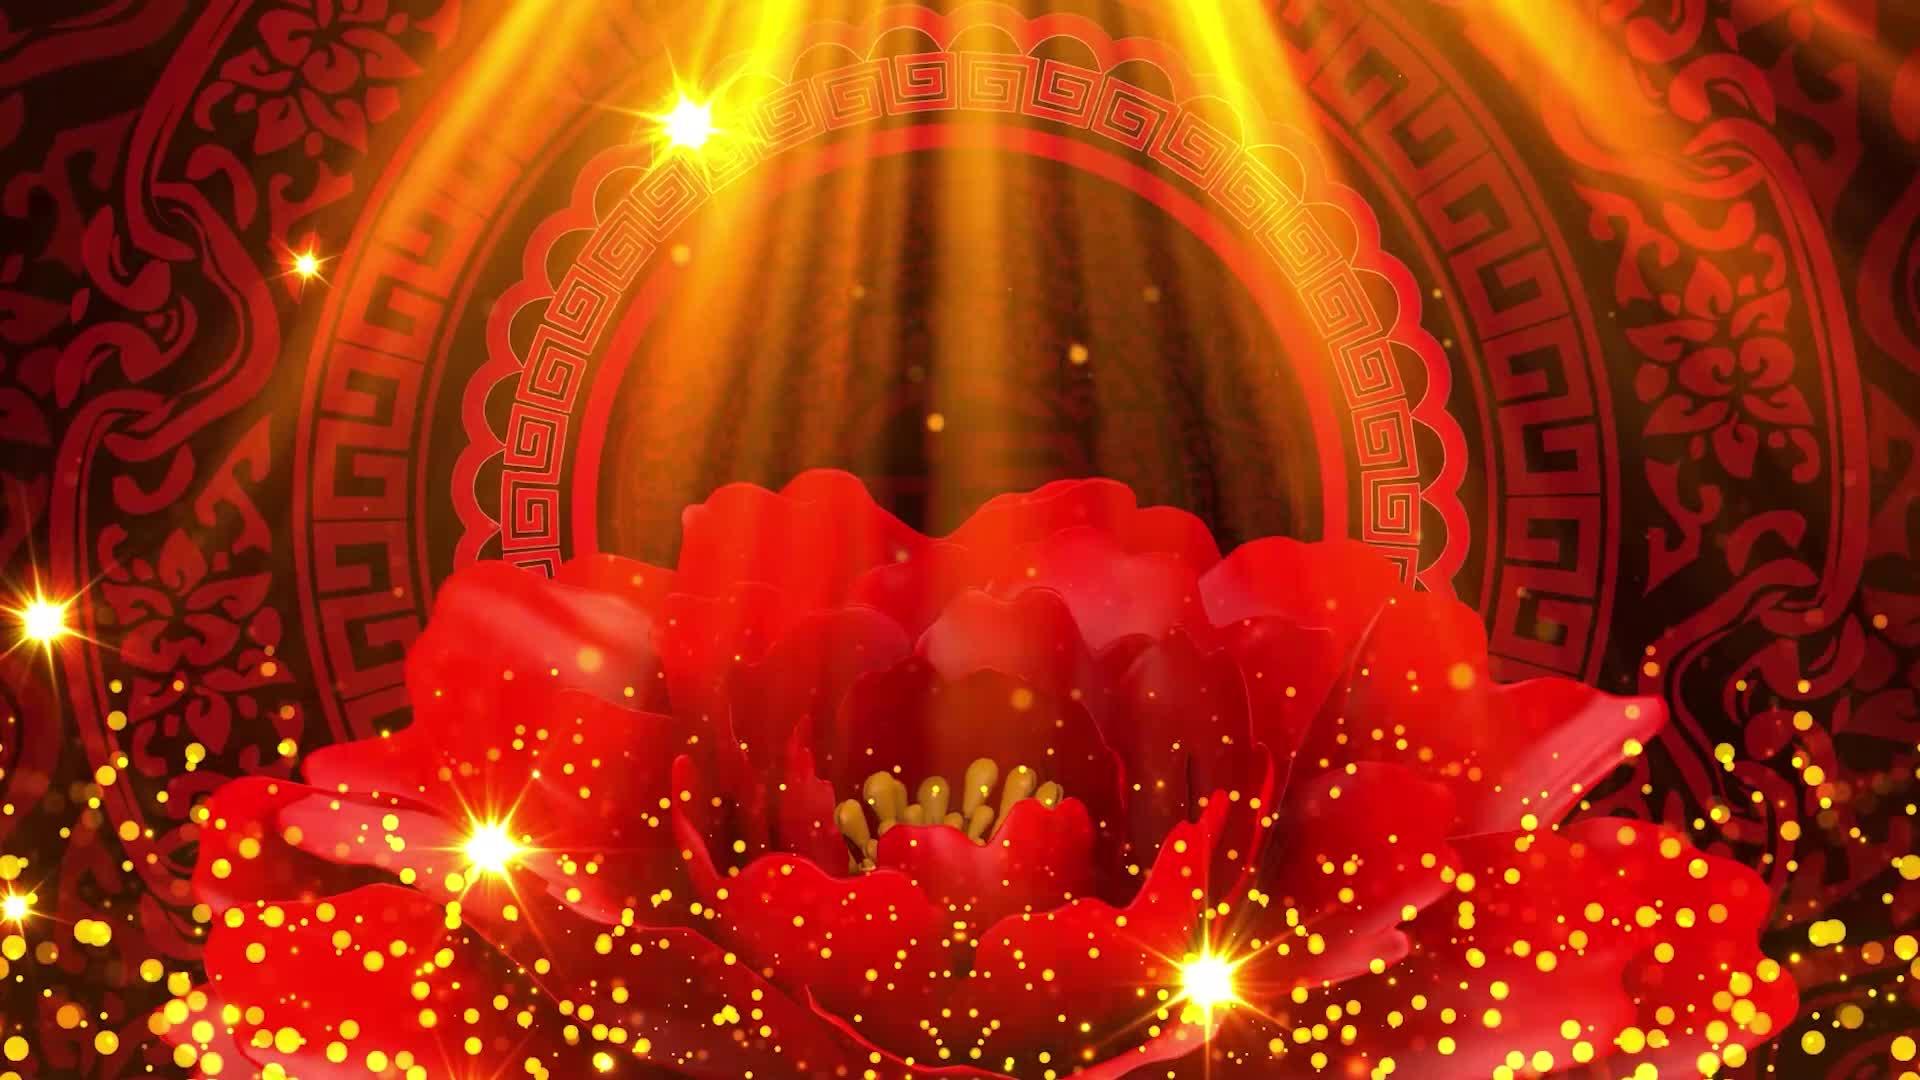 歌曲好运来led配乐视频好运来大屏视频背景喜庆中国红新年快乐年会欢快红色歌曲背景